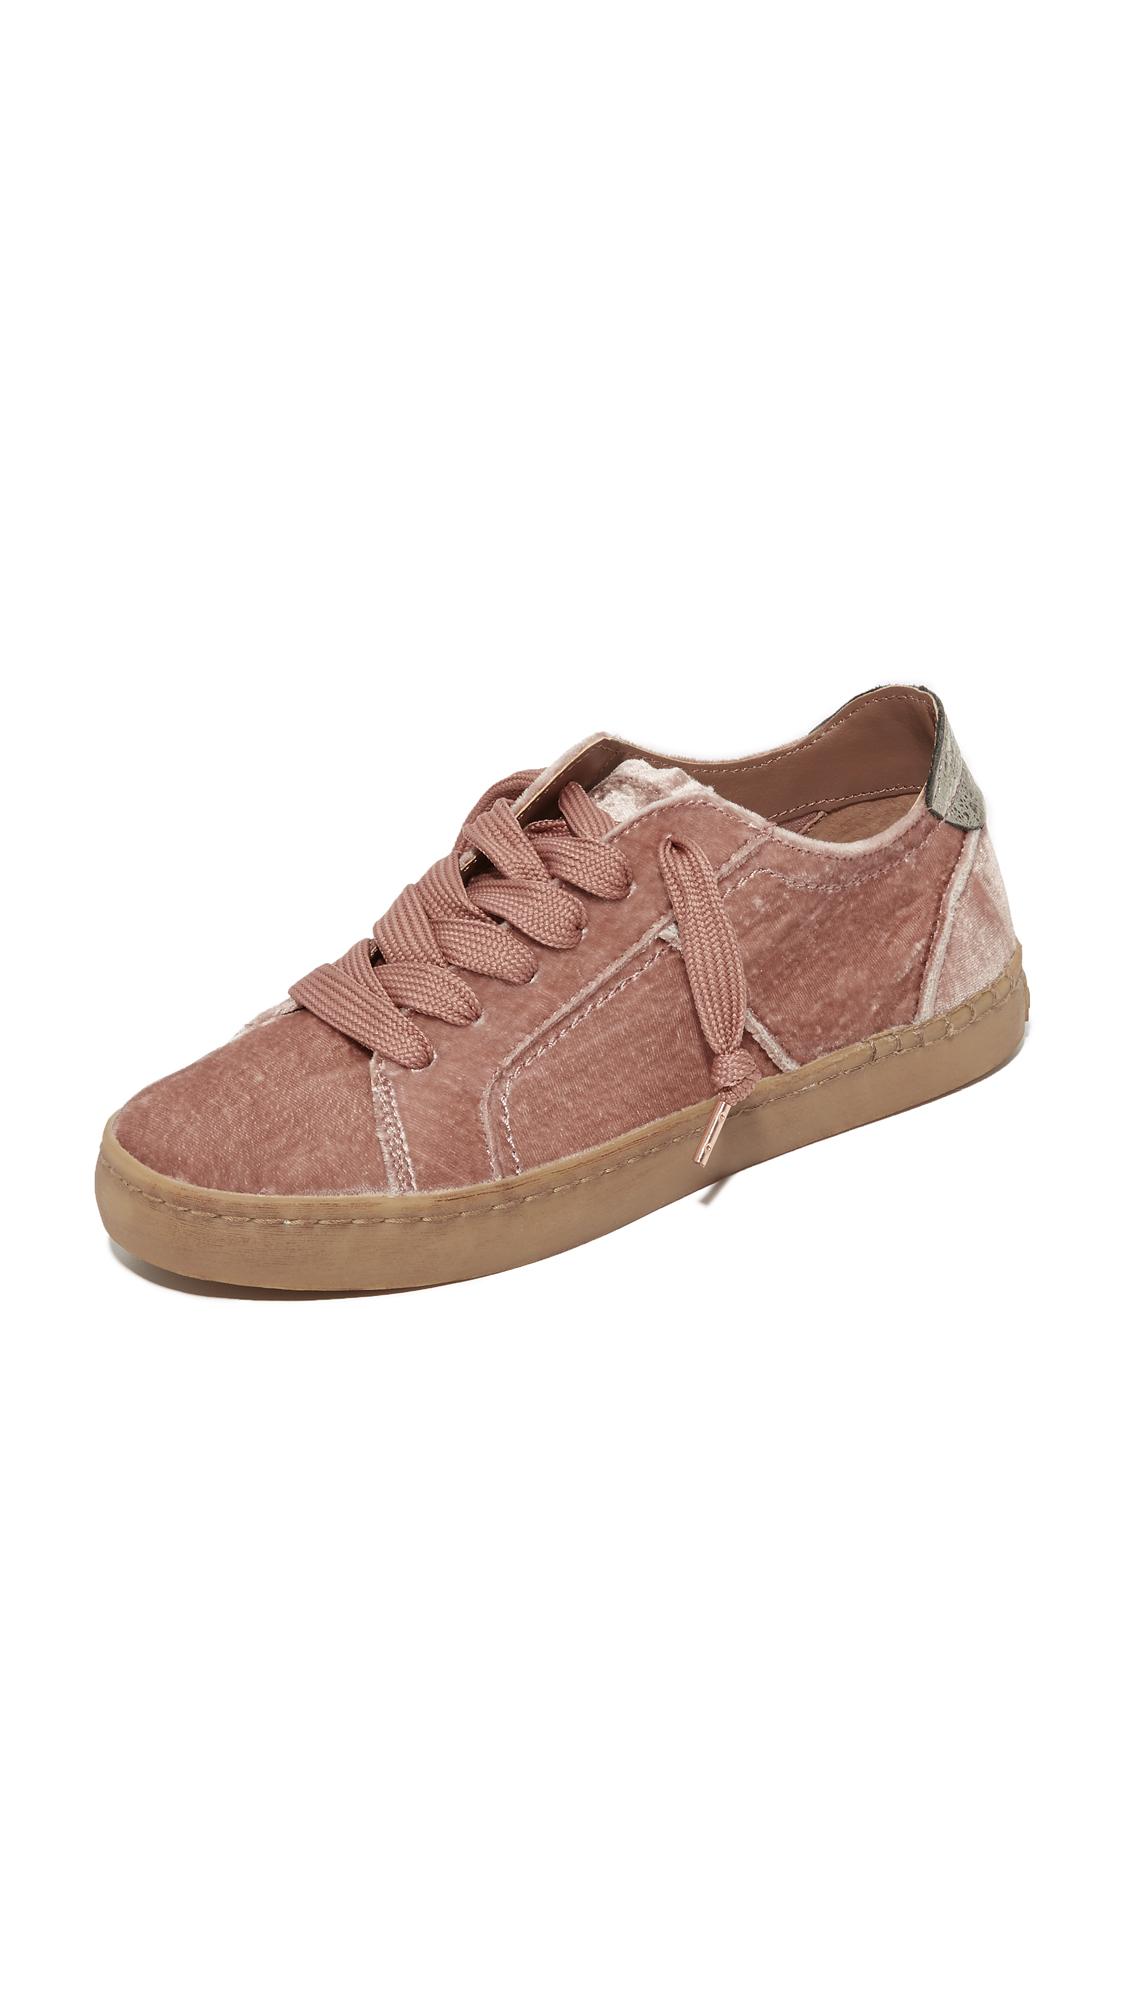 Dolce Vita Zalen Velvet Sneakers - Rose at Shopbop